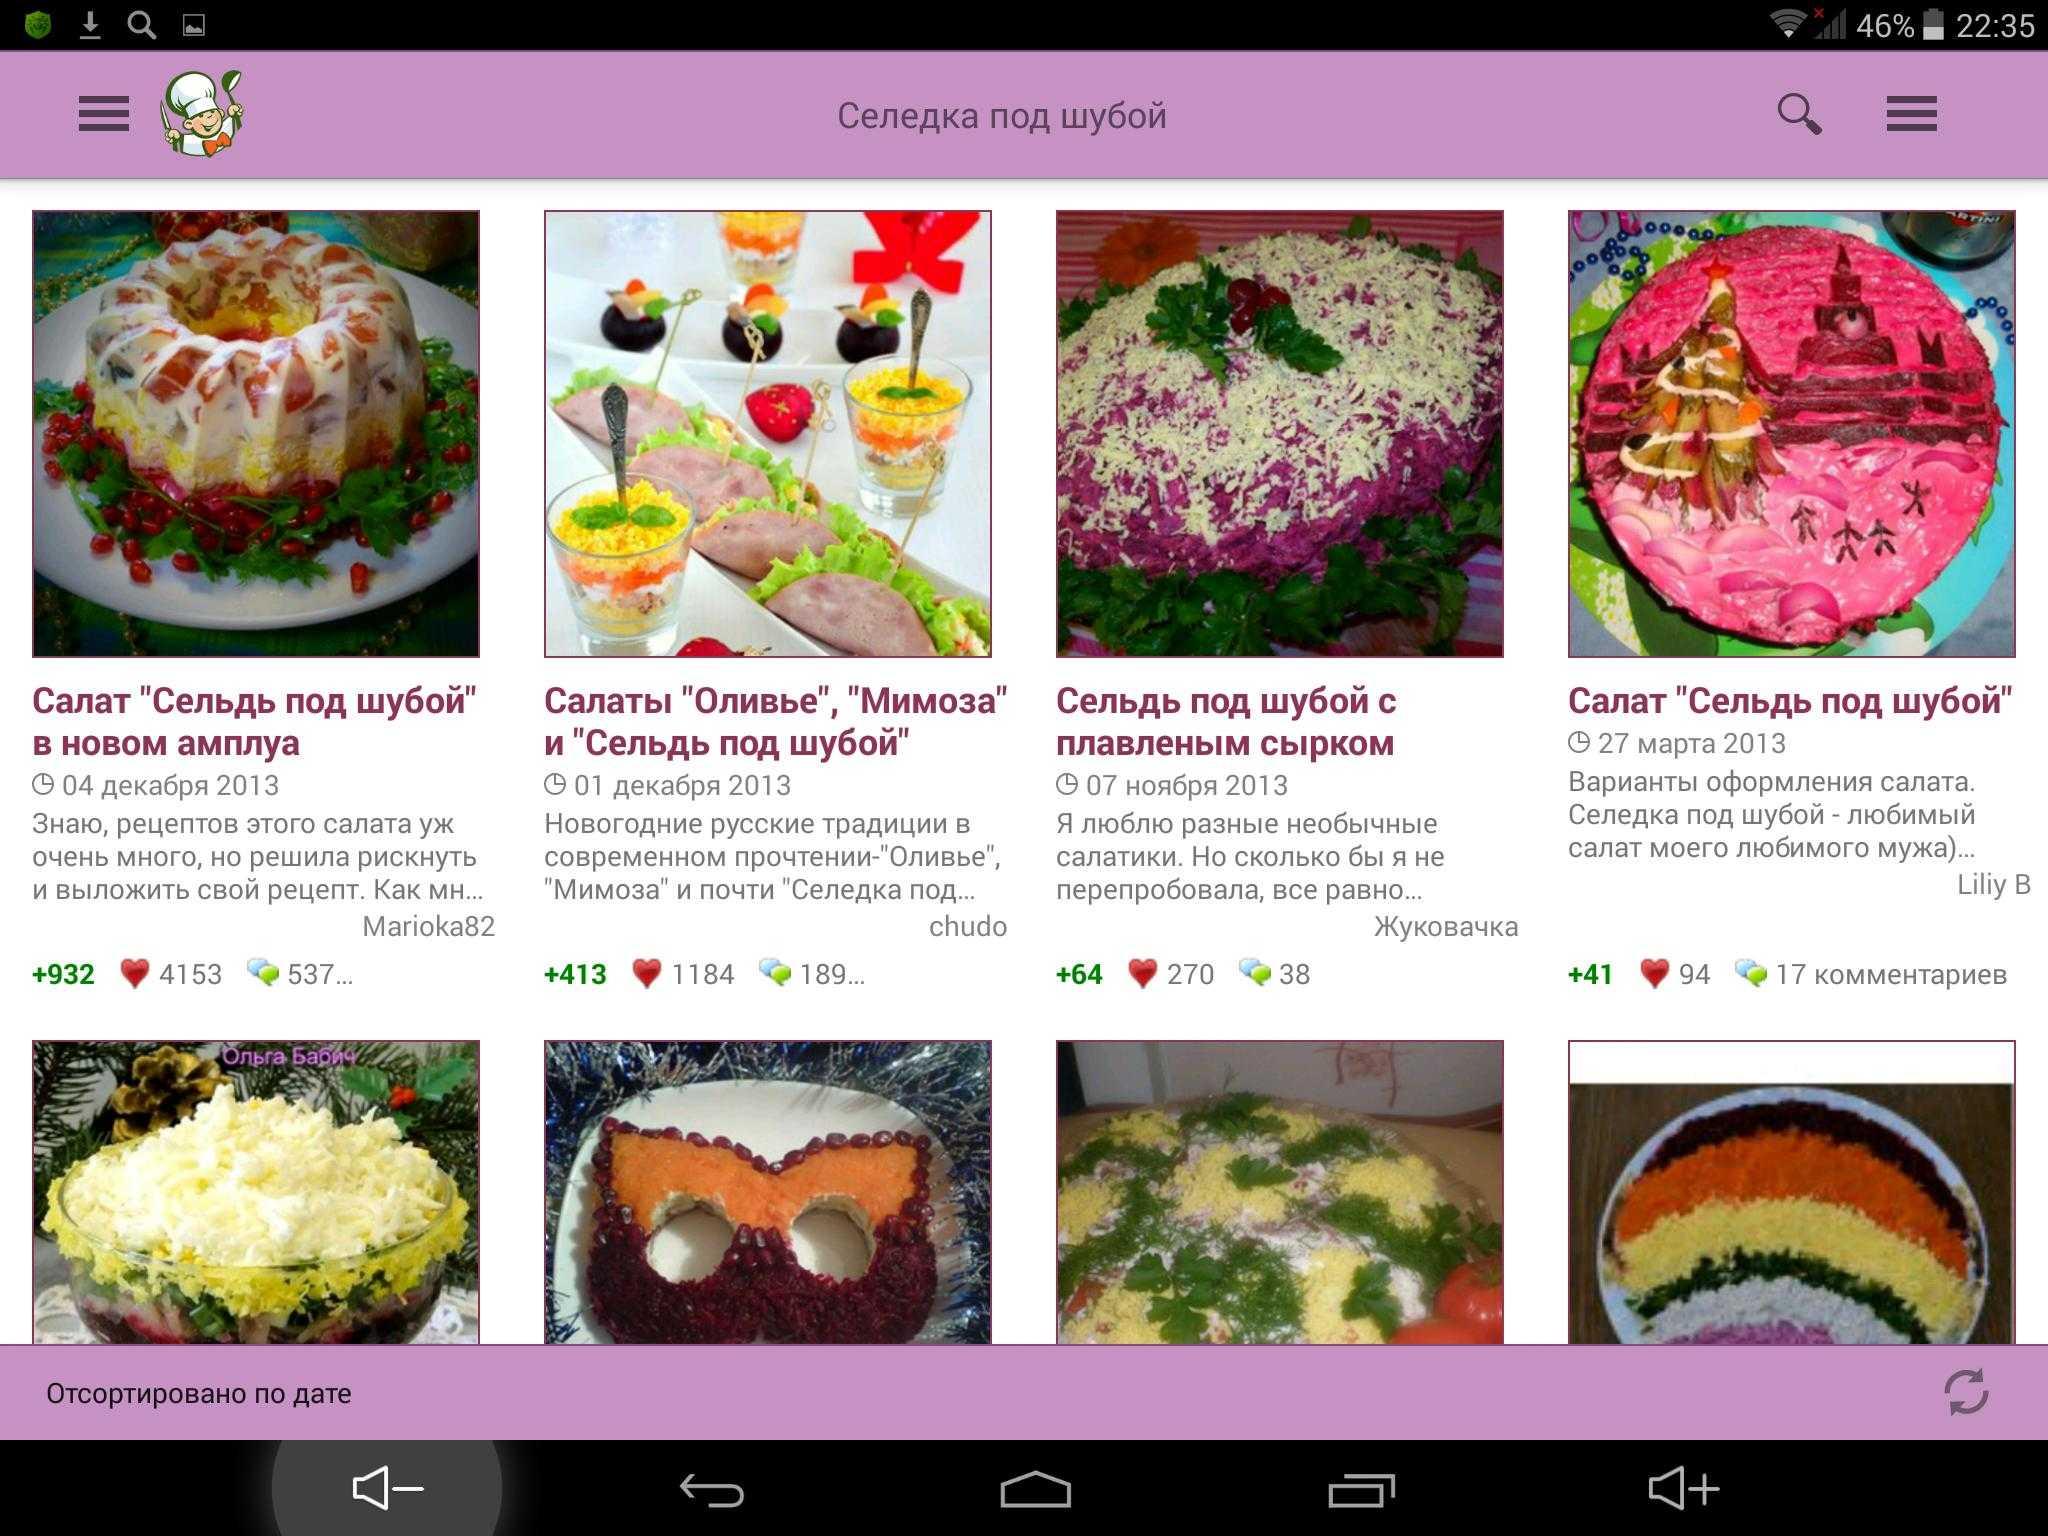 Пошаговый рецепт салата Граф с фото – описание блюда с черносливом и свеклой. Как приготовить вкусную альтернативу Селедке под шубой.